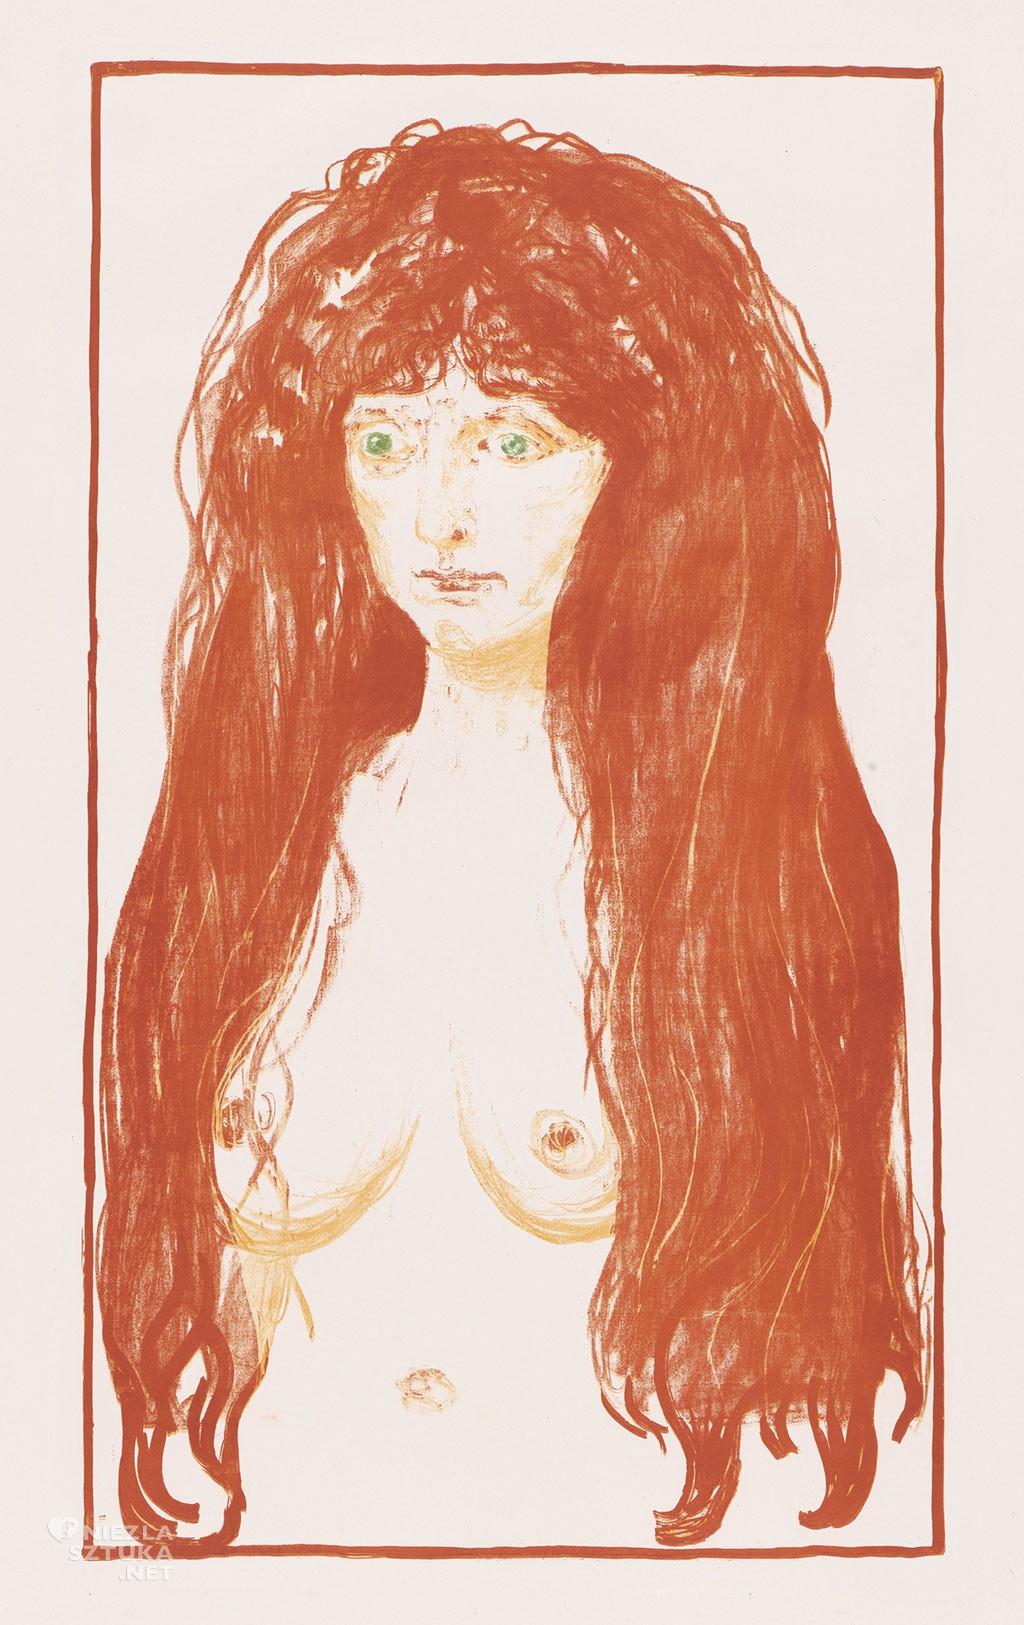 Edvard Munch, Grzech, Kobieta o rudych włosach i zielonych oczach, Tulla Larsen, Niezła sztuka